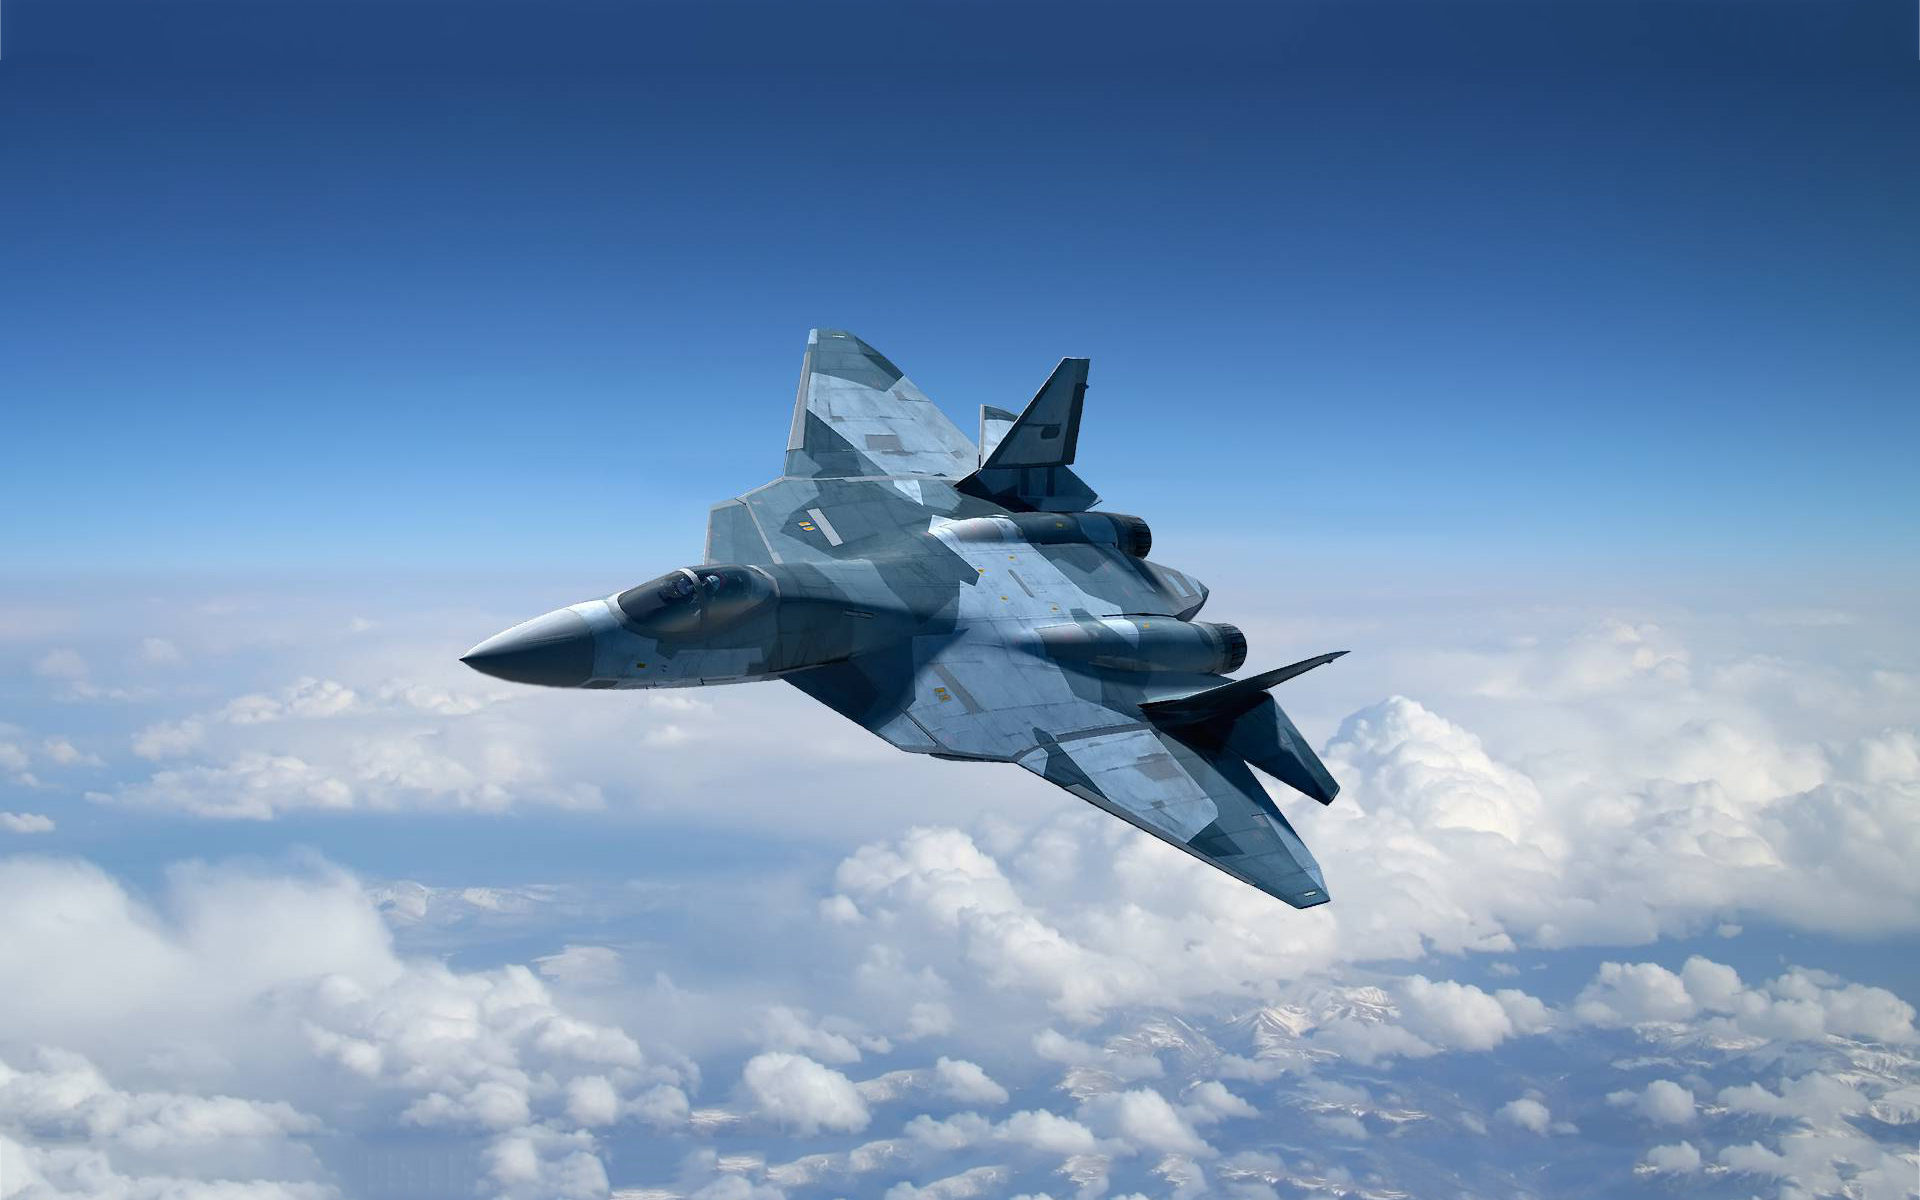 Suchoi t50 jet